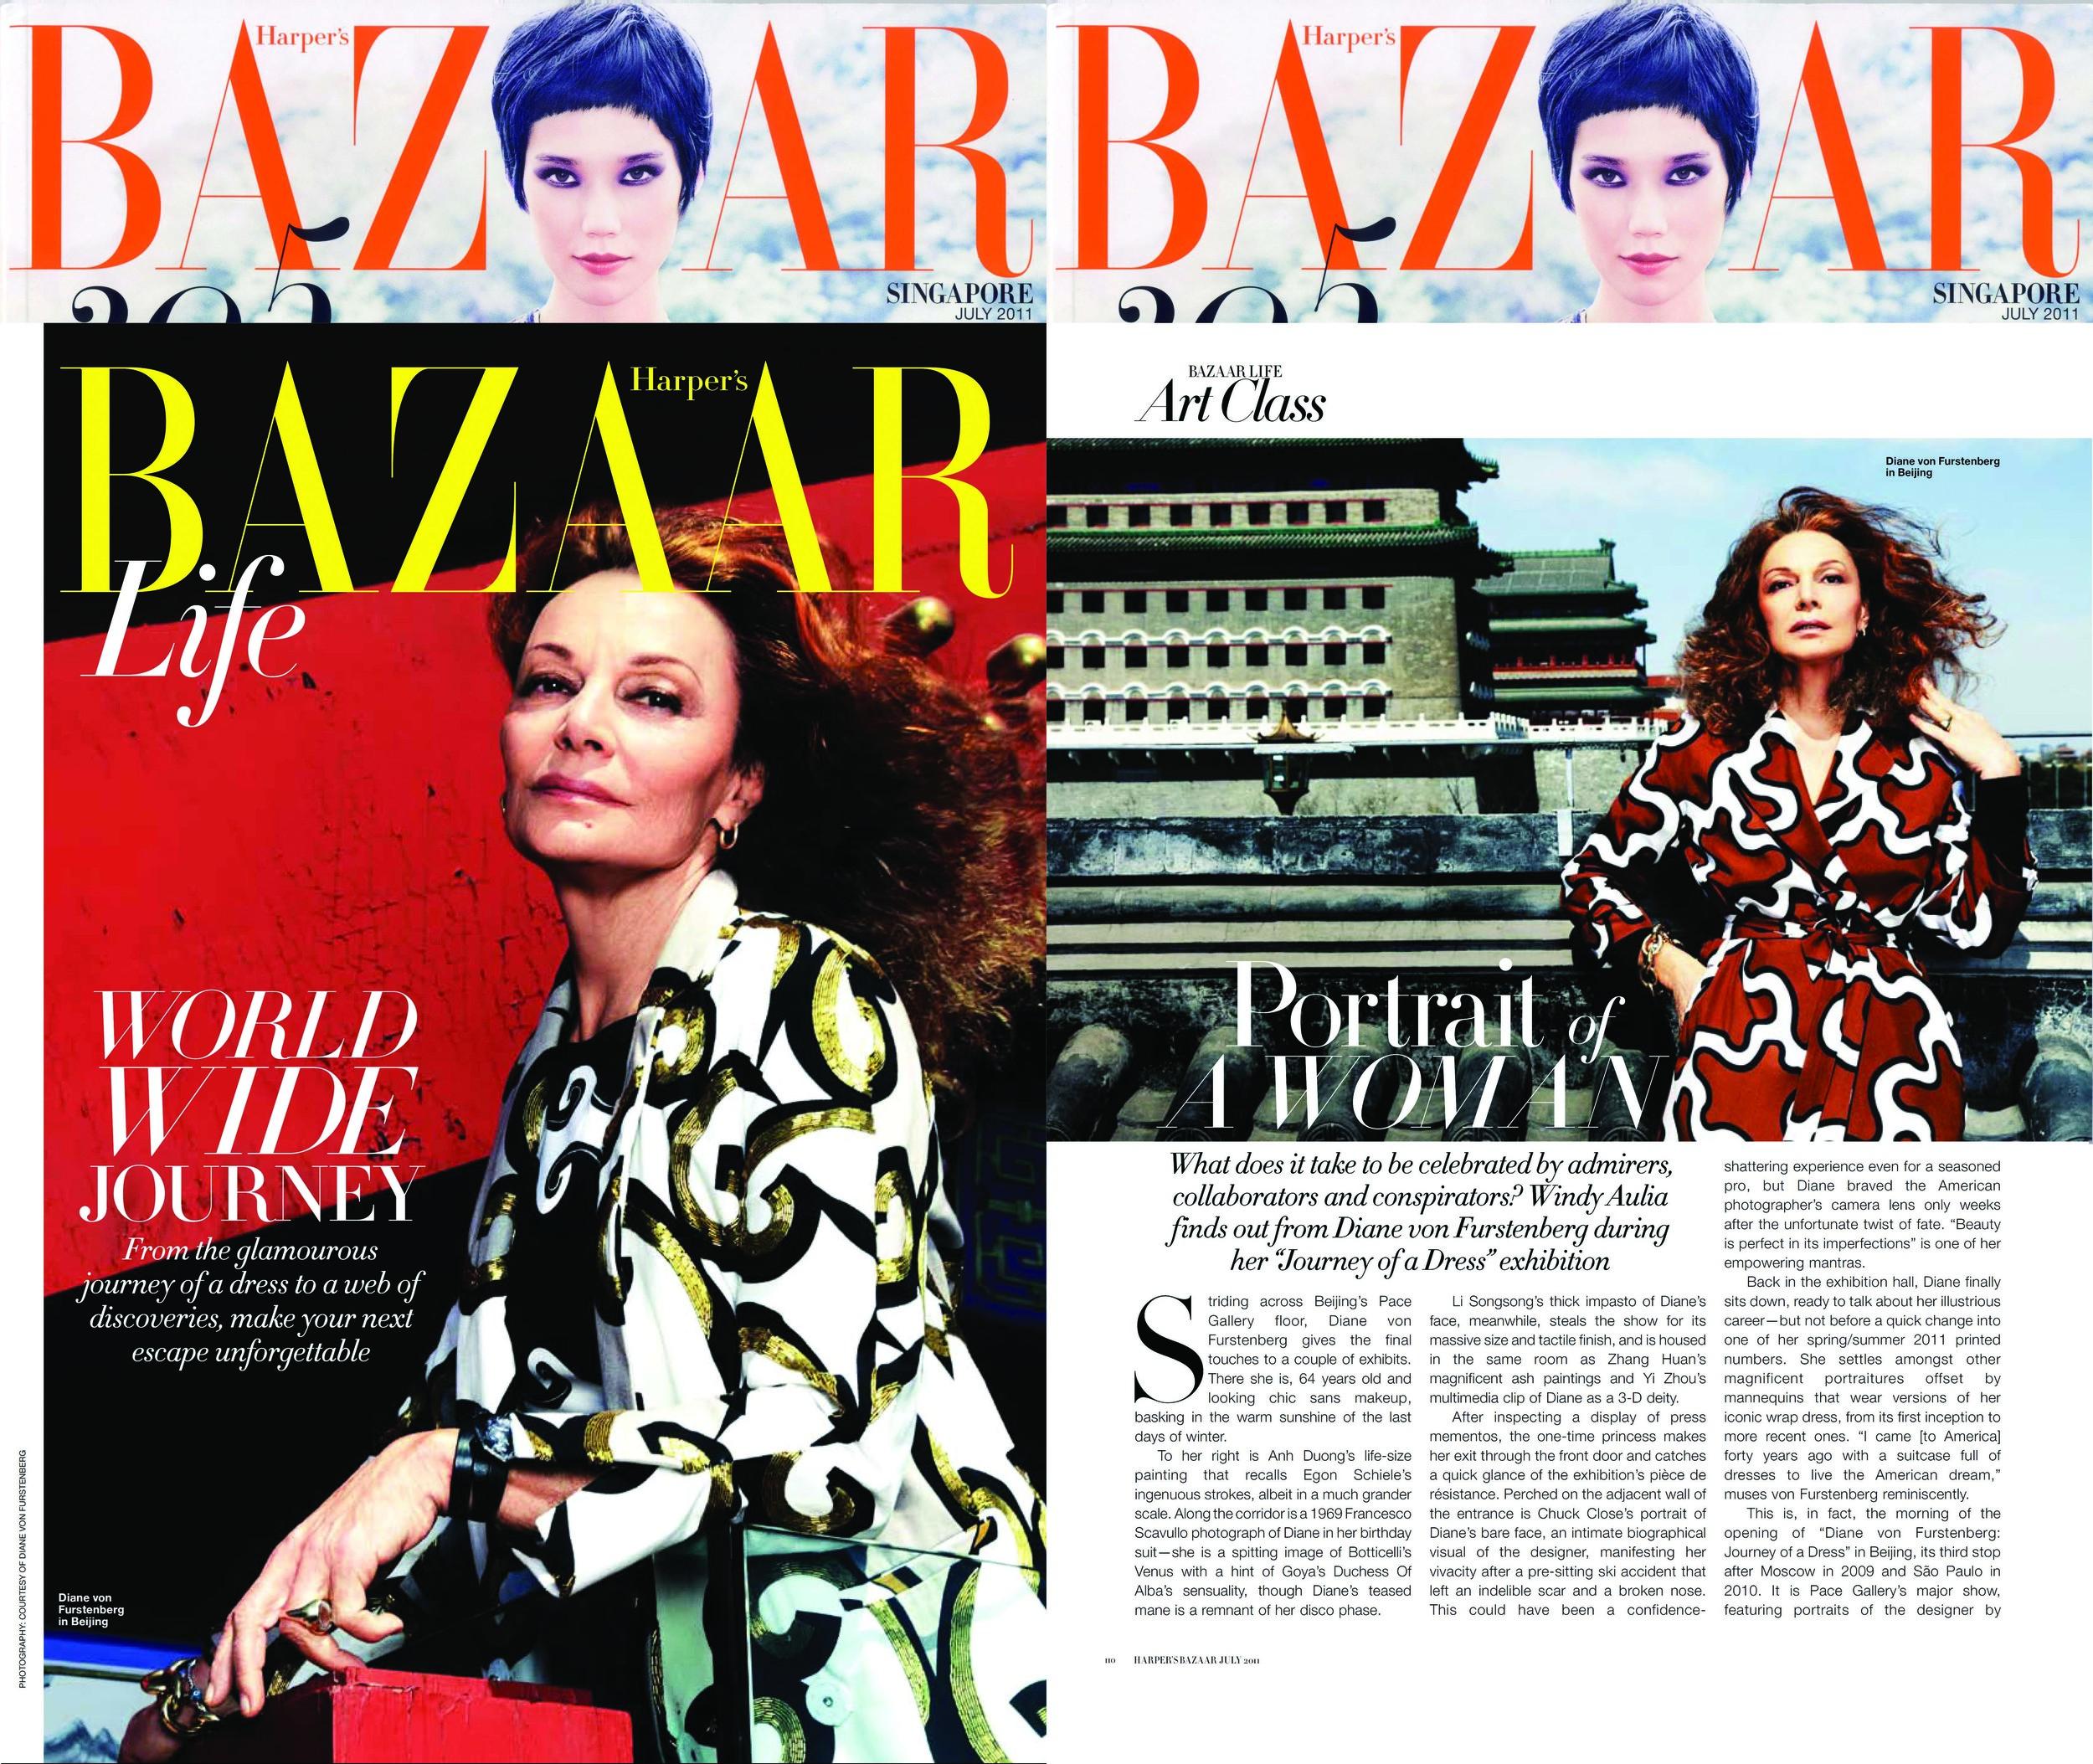 Singapore Bazaar 01a - July 11.jpg